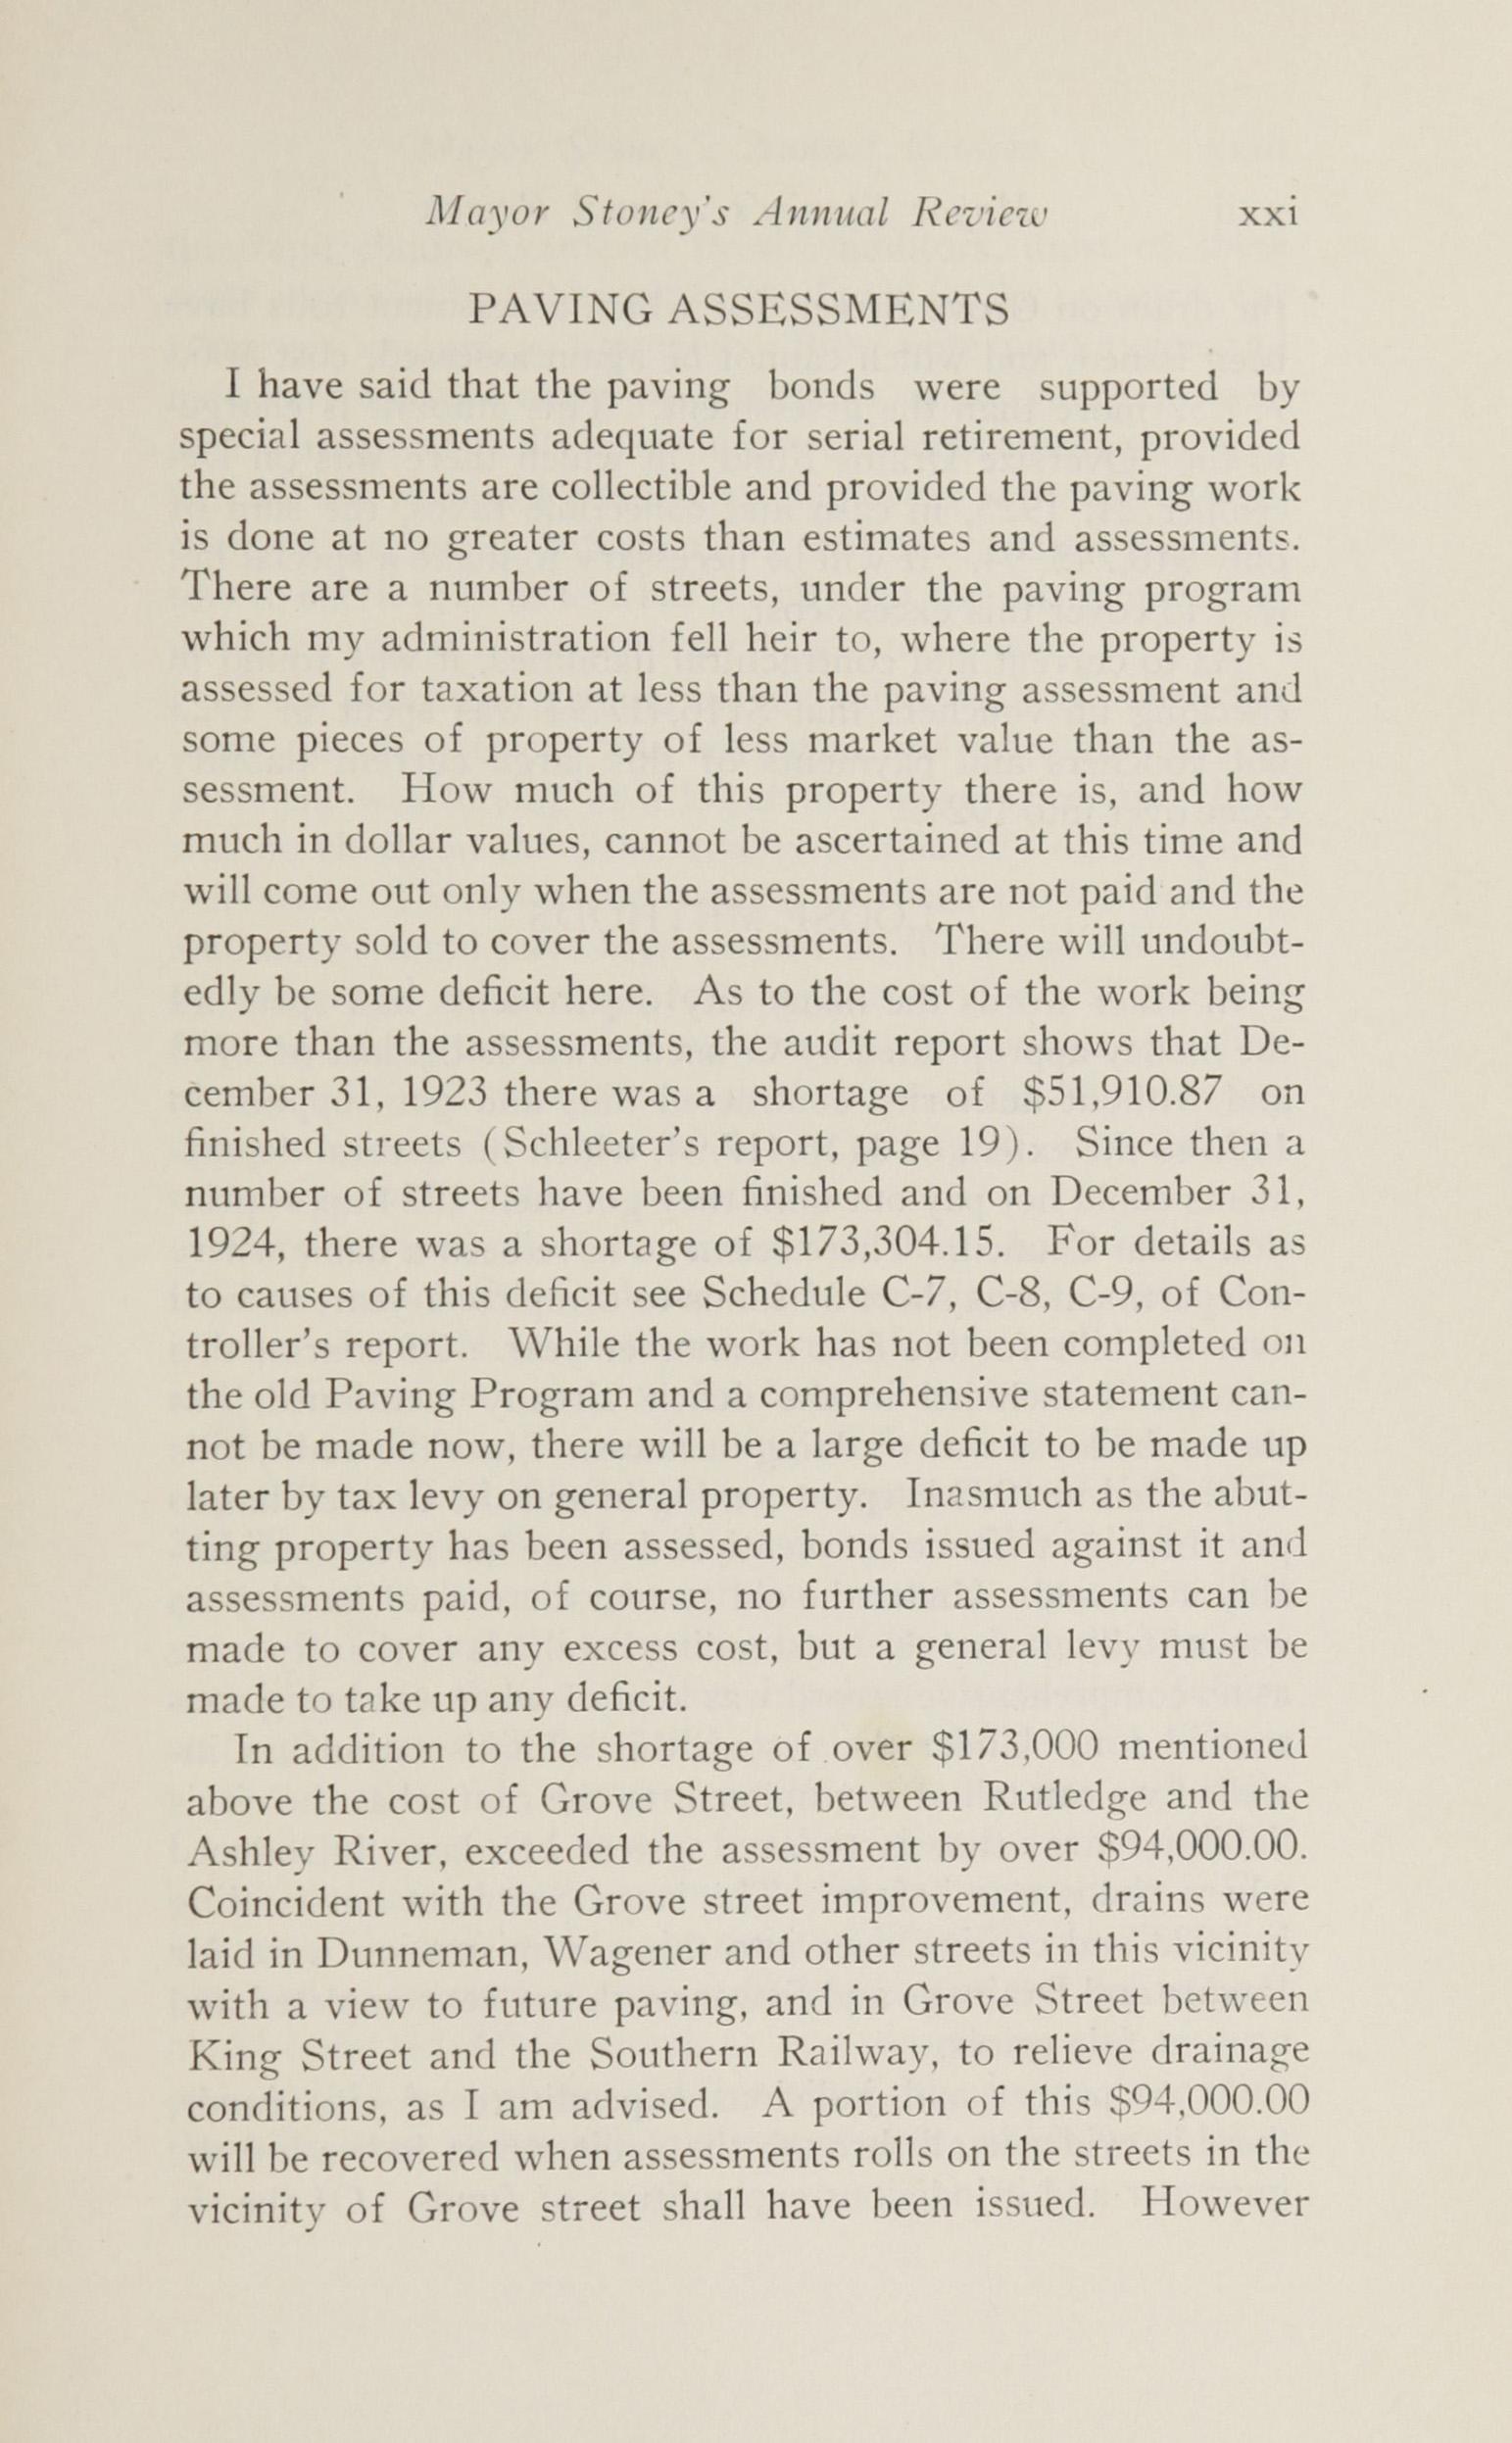 Charleston Yearbook, 1924, page xxi